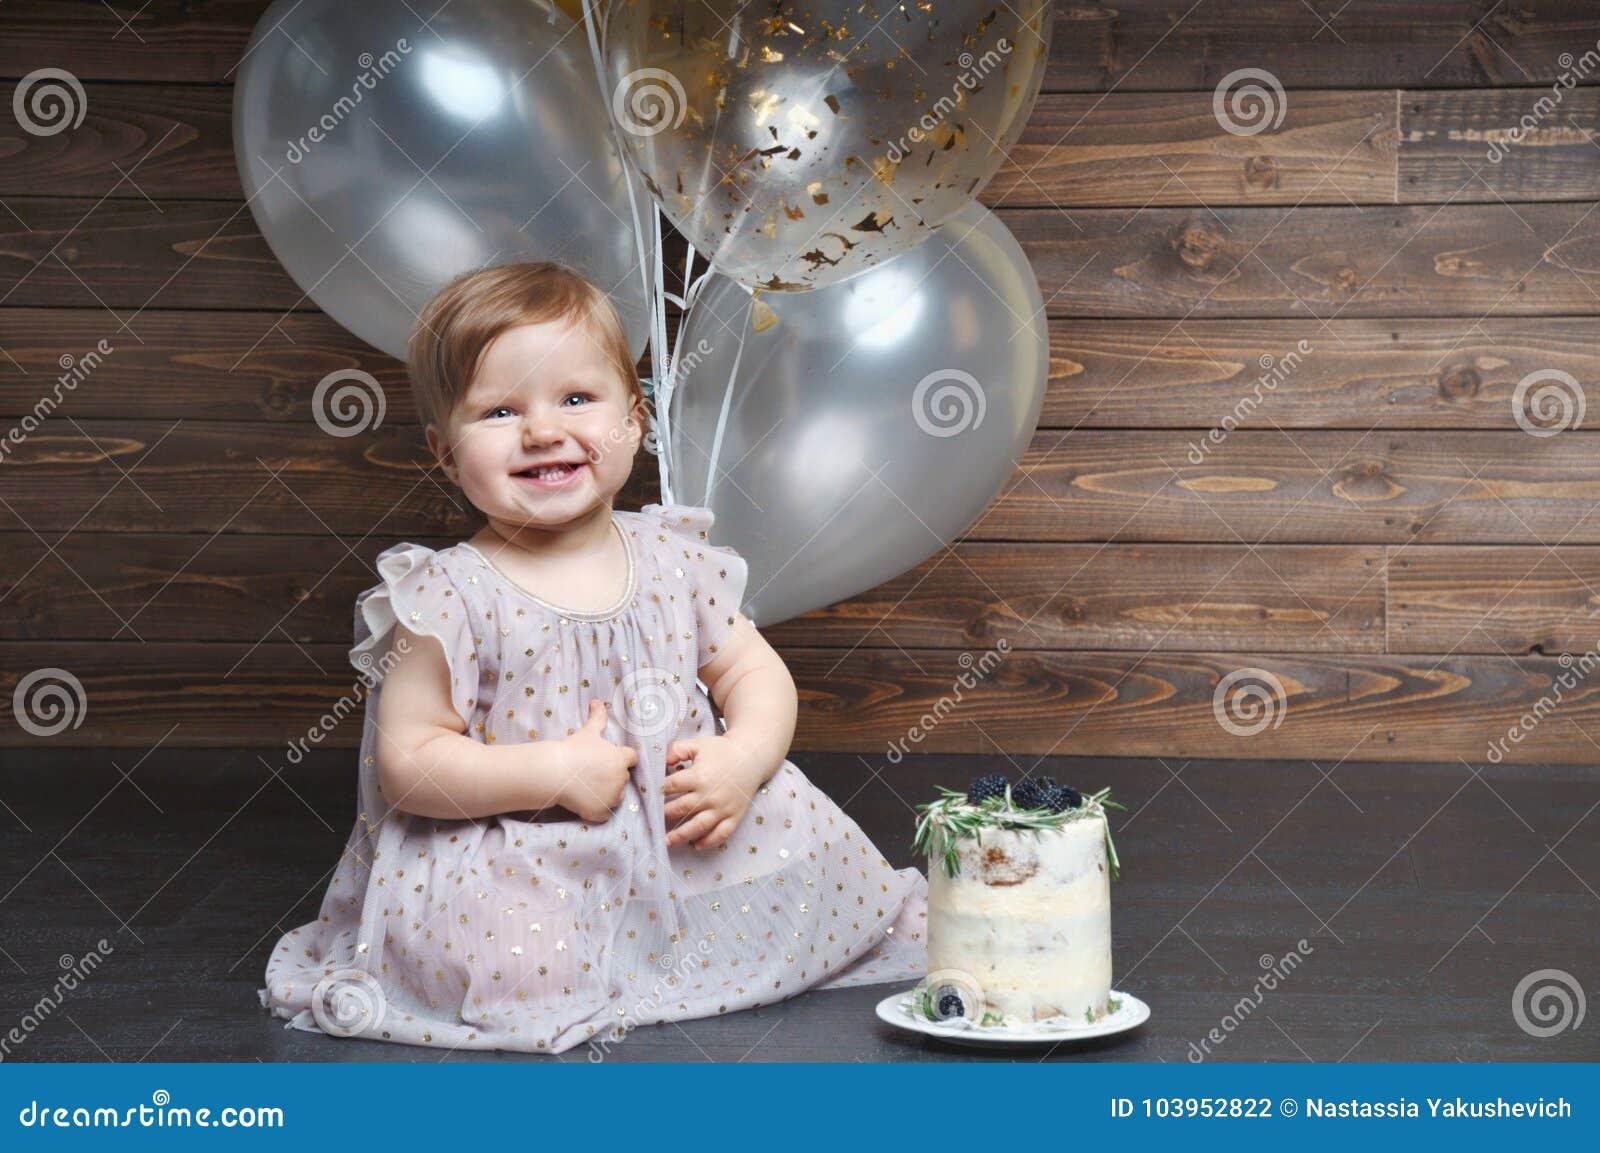 La niña sonriente linda celebra su primera fiesta de cumpleaños con los globos y la torta